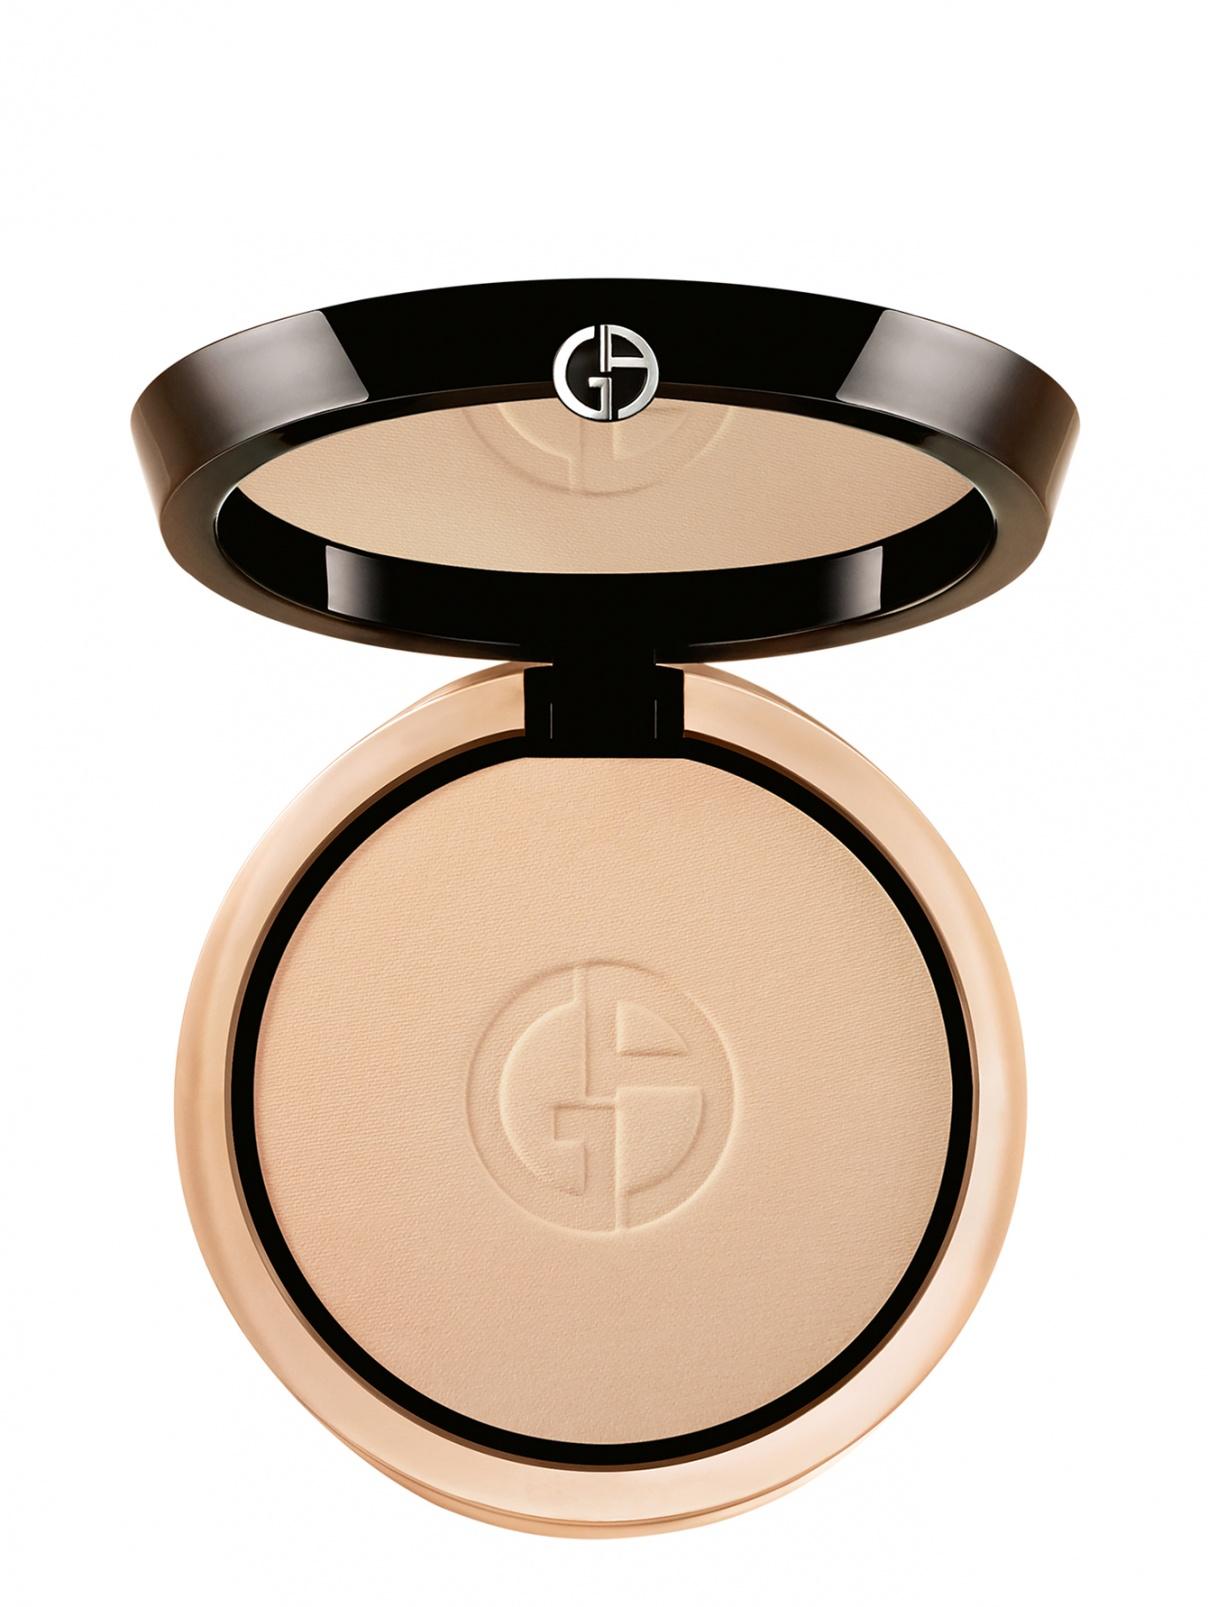 Компактная пудра для лица Сменный Блок - №2 Luminous Silk Compac Giorgio Armani  –  Общий вид